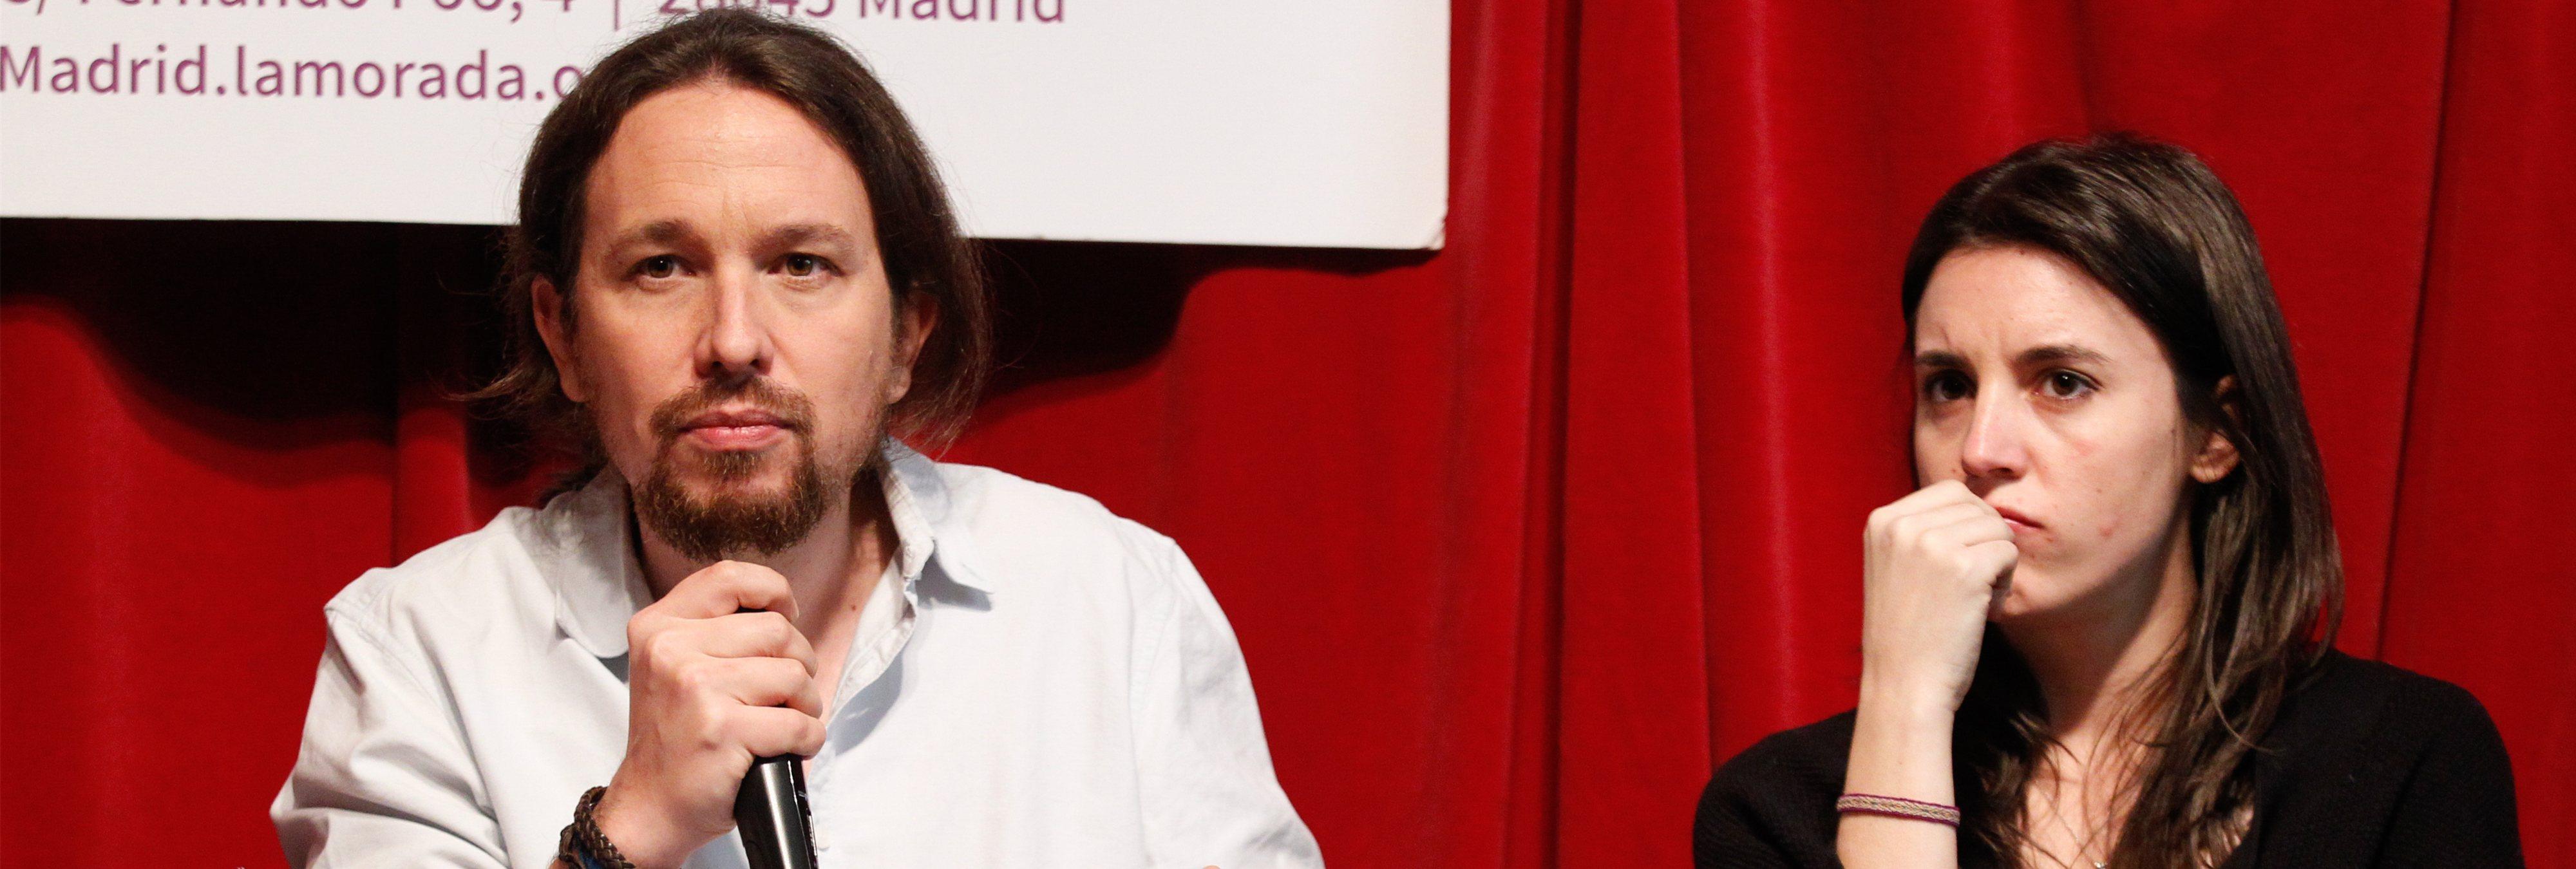 Critican a Iglesias y Montero por contratar a una nodriza por 100 euros la noche